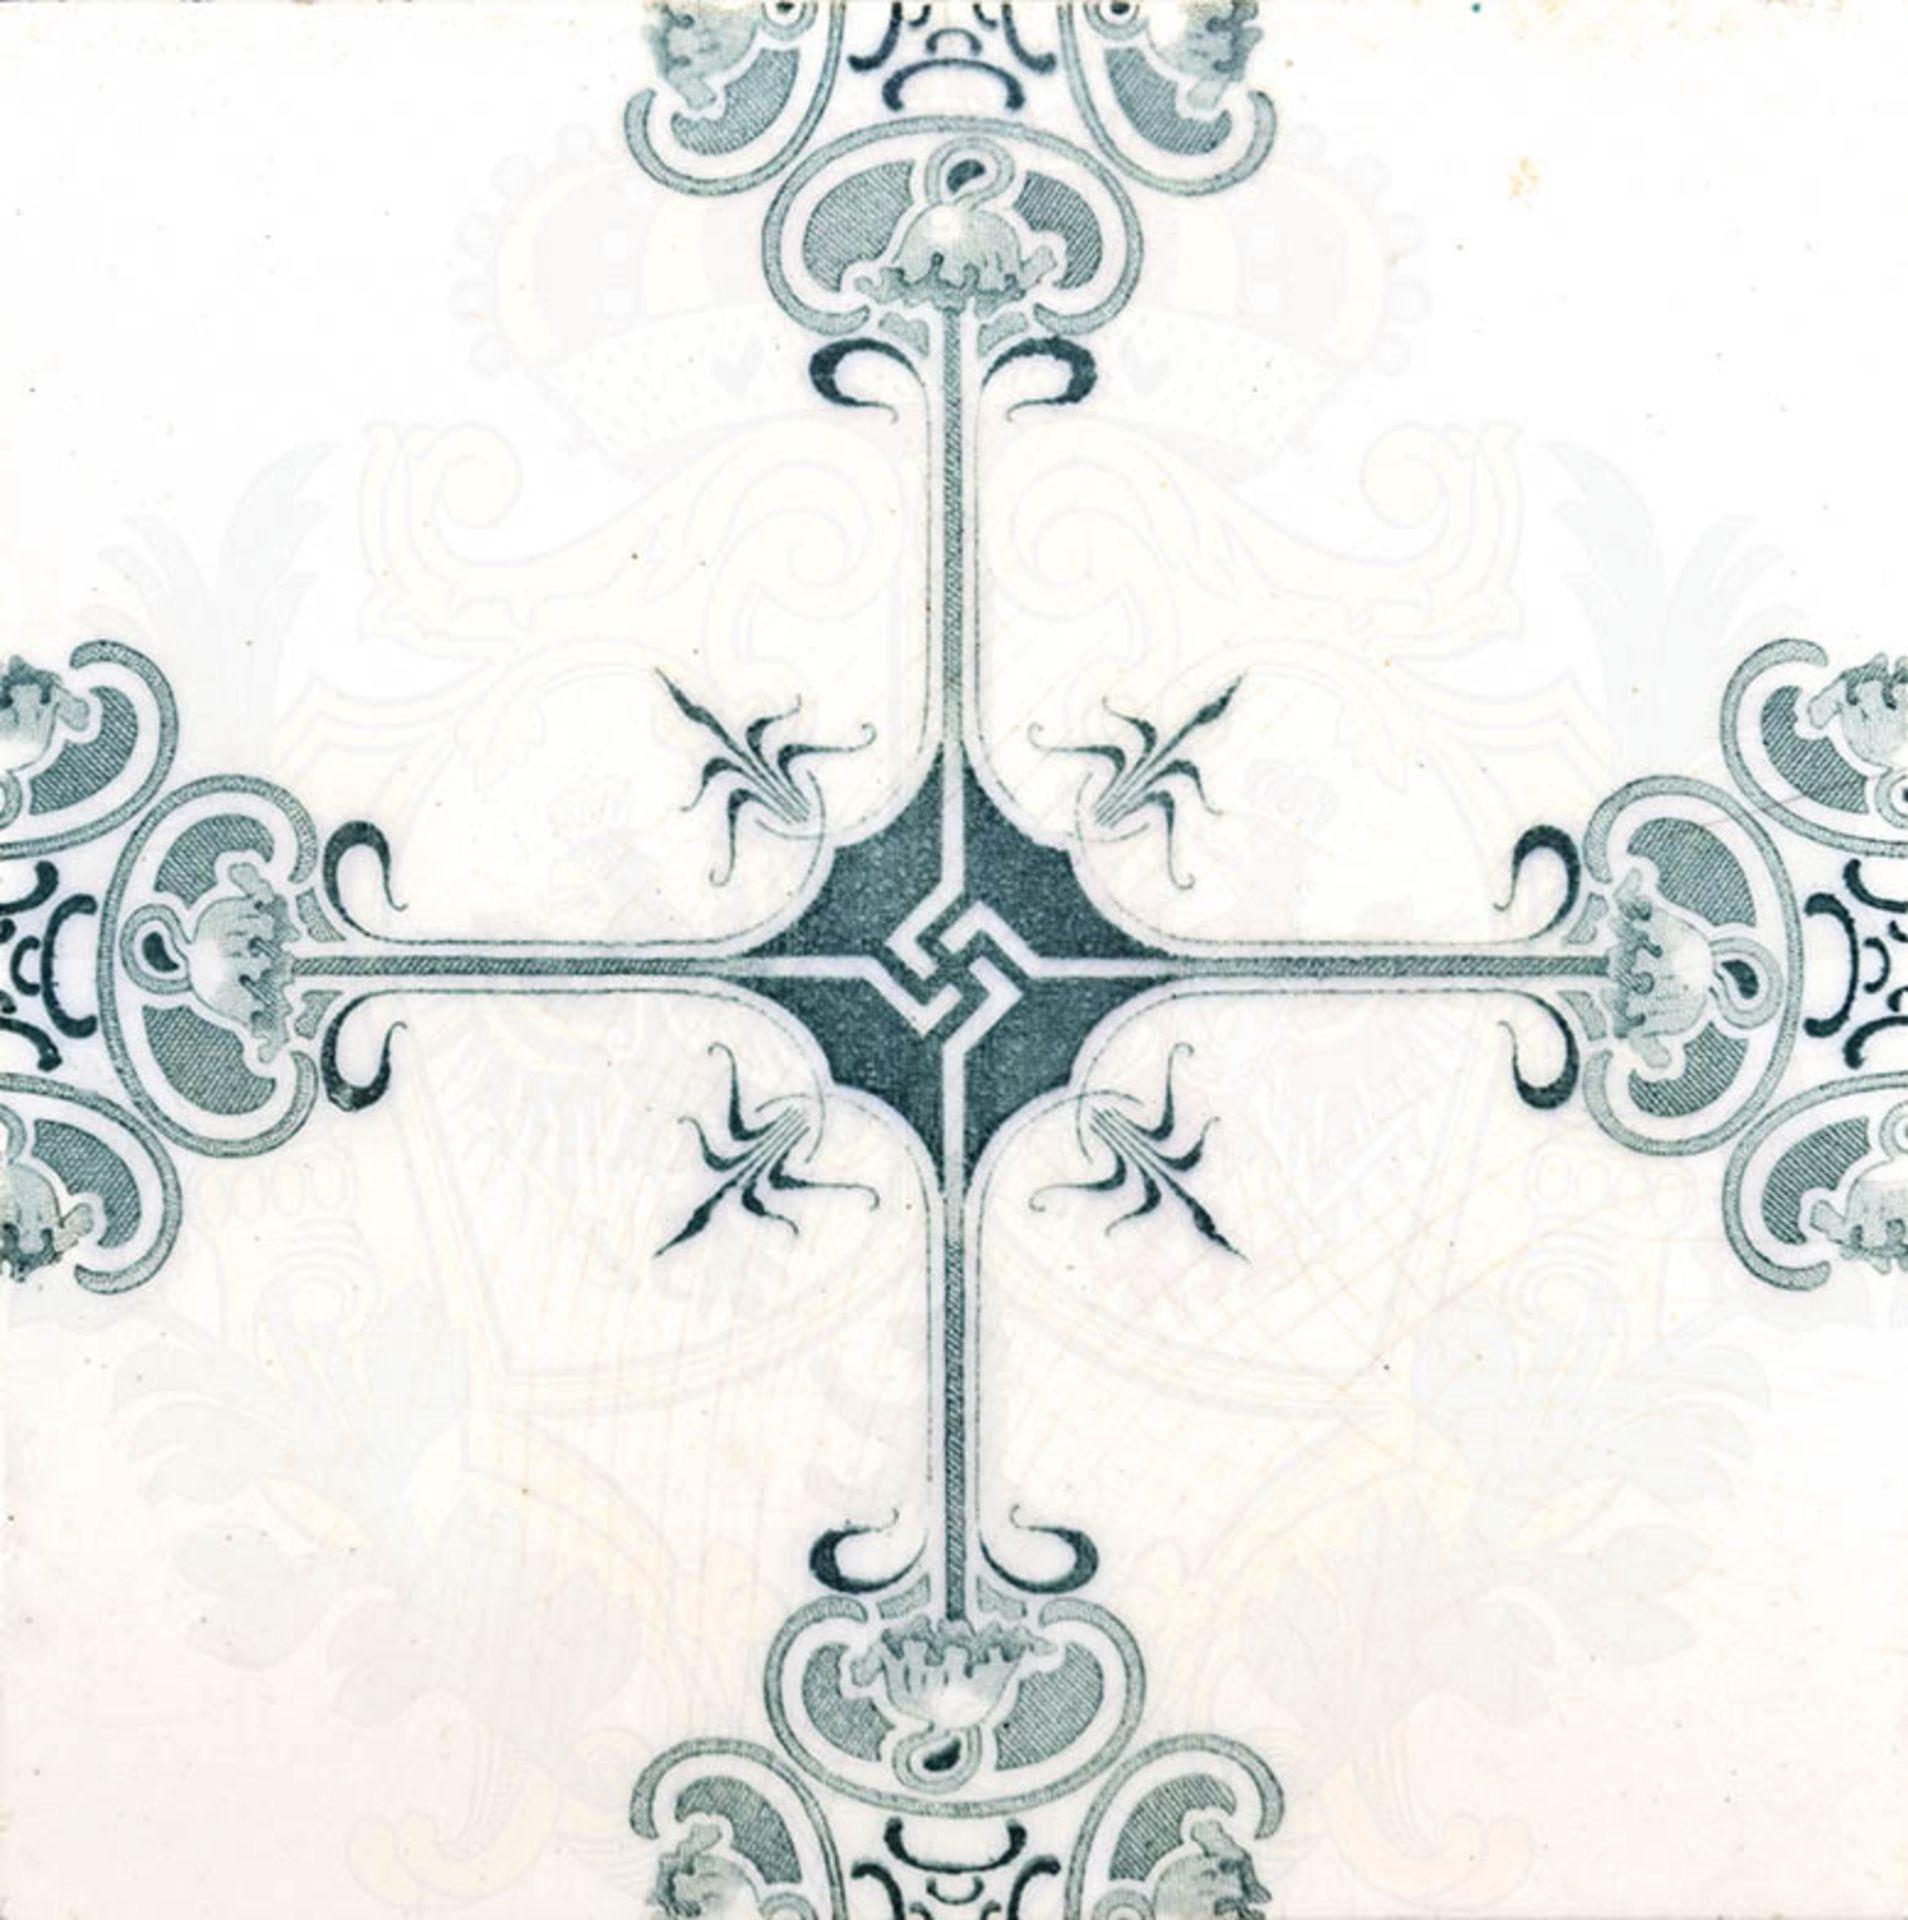 WANDFLIESE, Jugendstil-Ornamentik, um 1900, grün/weiße Glasur, mittig stilisiertes Hakenkreuz, ca.